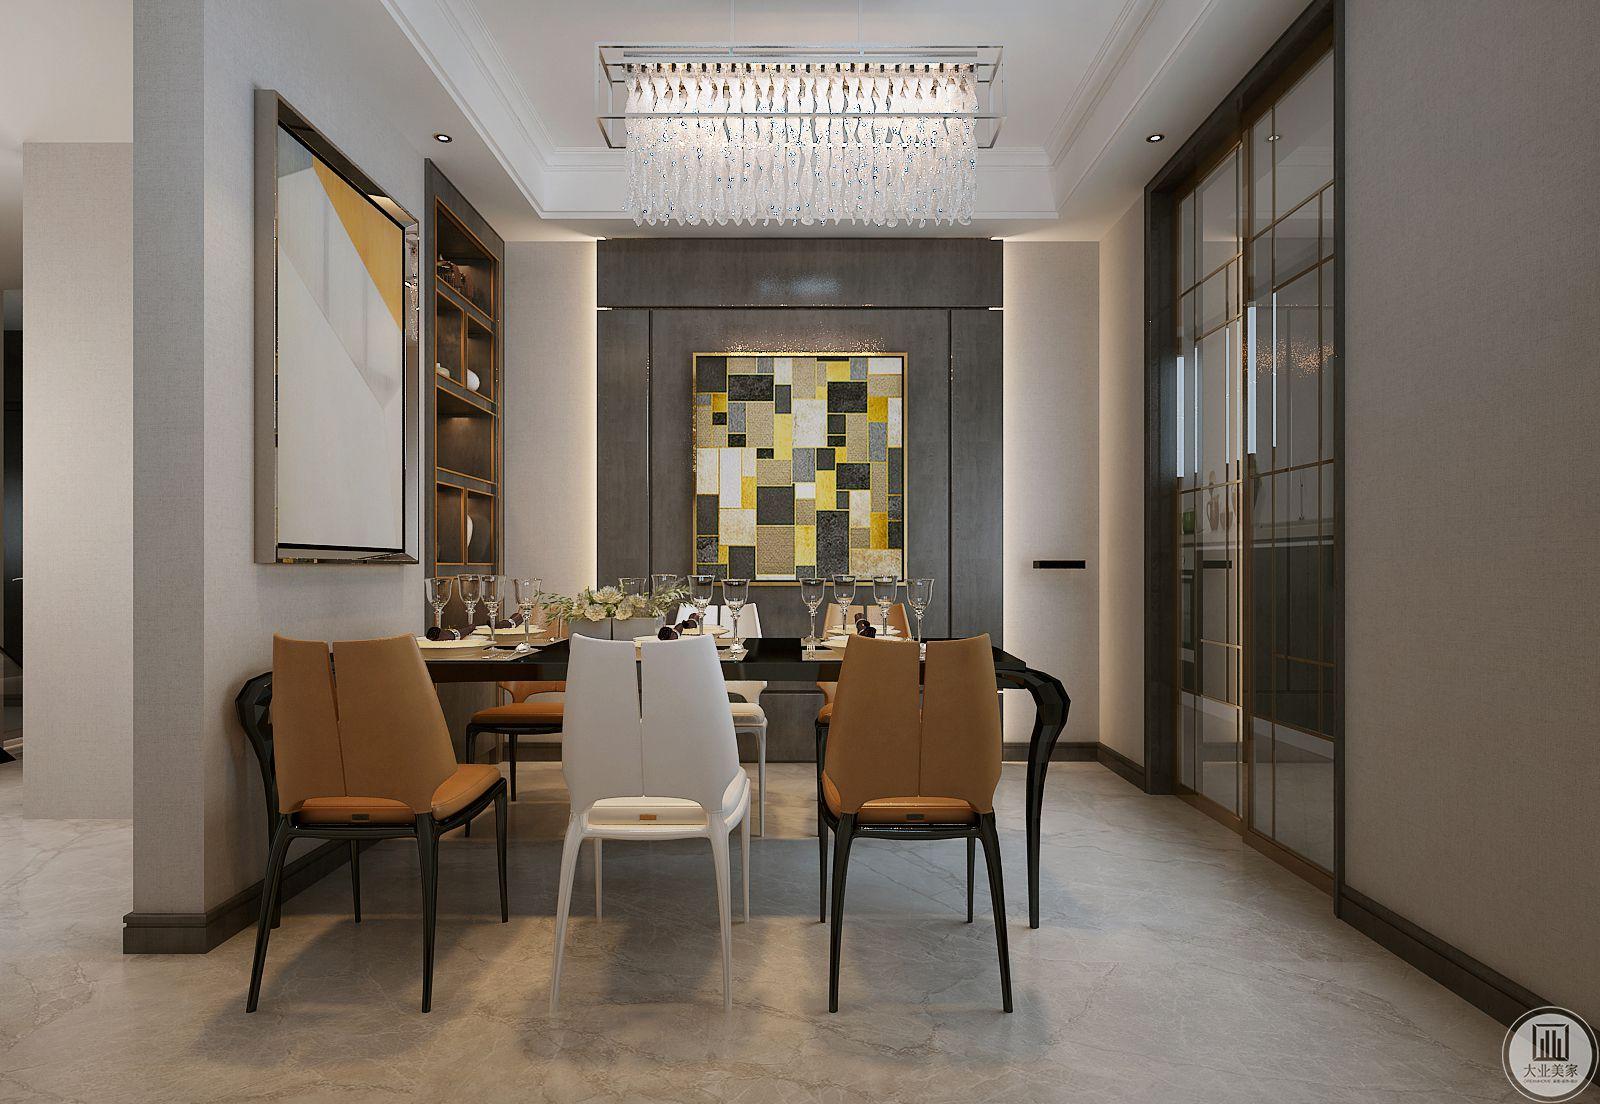 餐厅采用黑色实木框架,餐椅采用黄白搭配,更具现代时尚感。